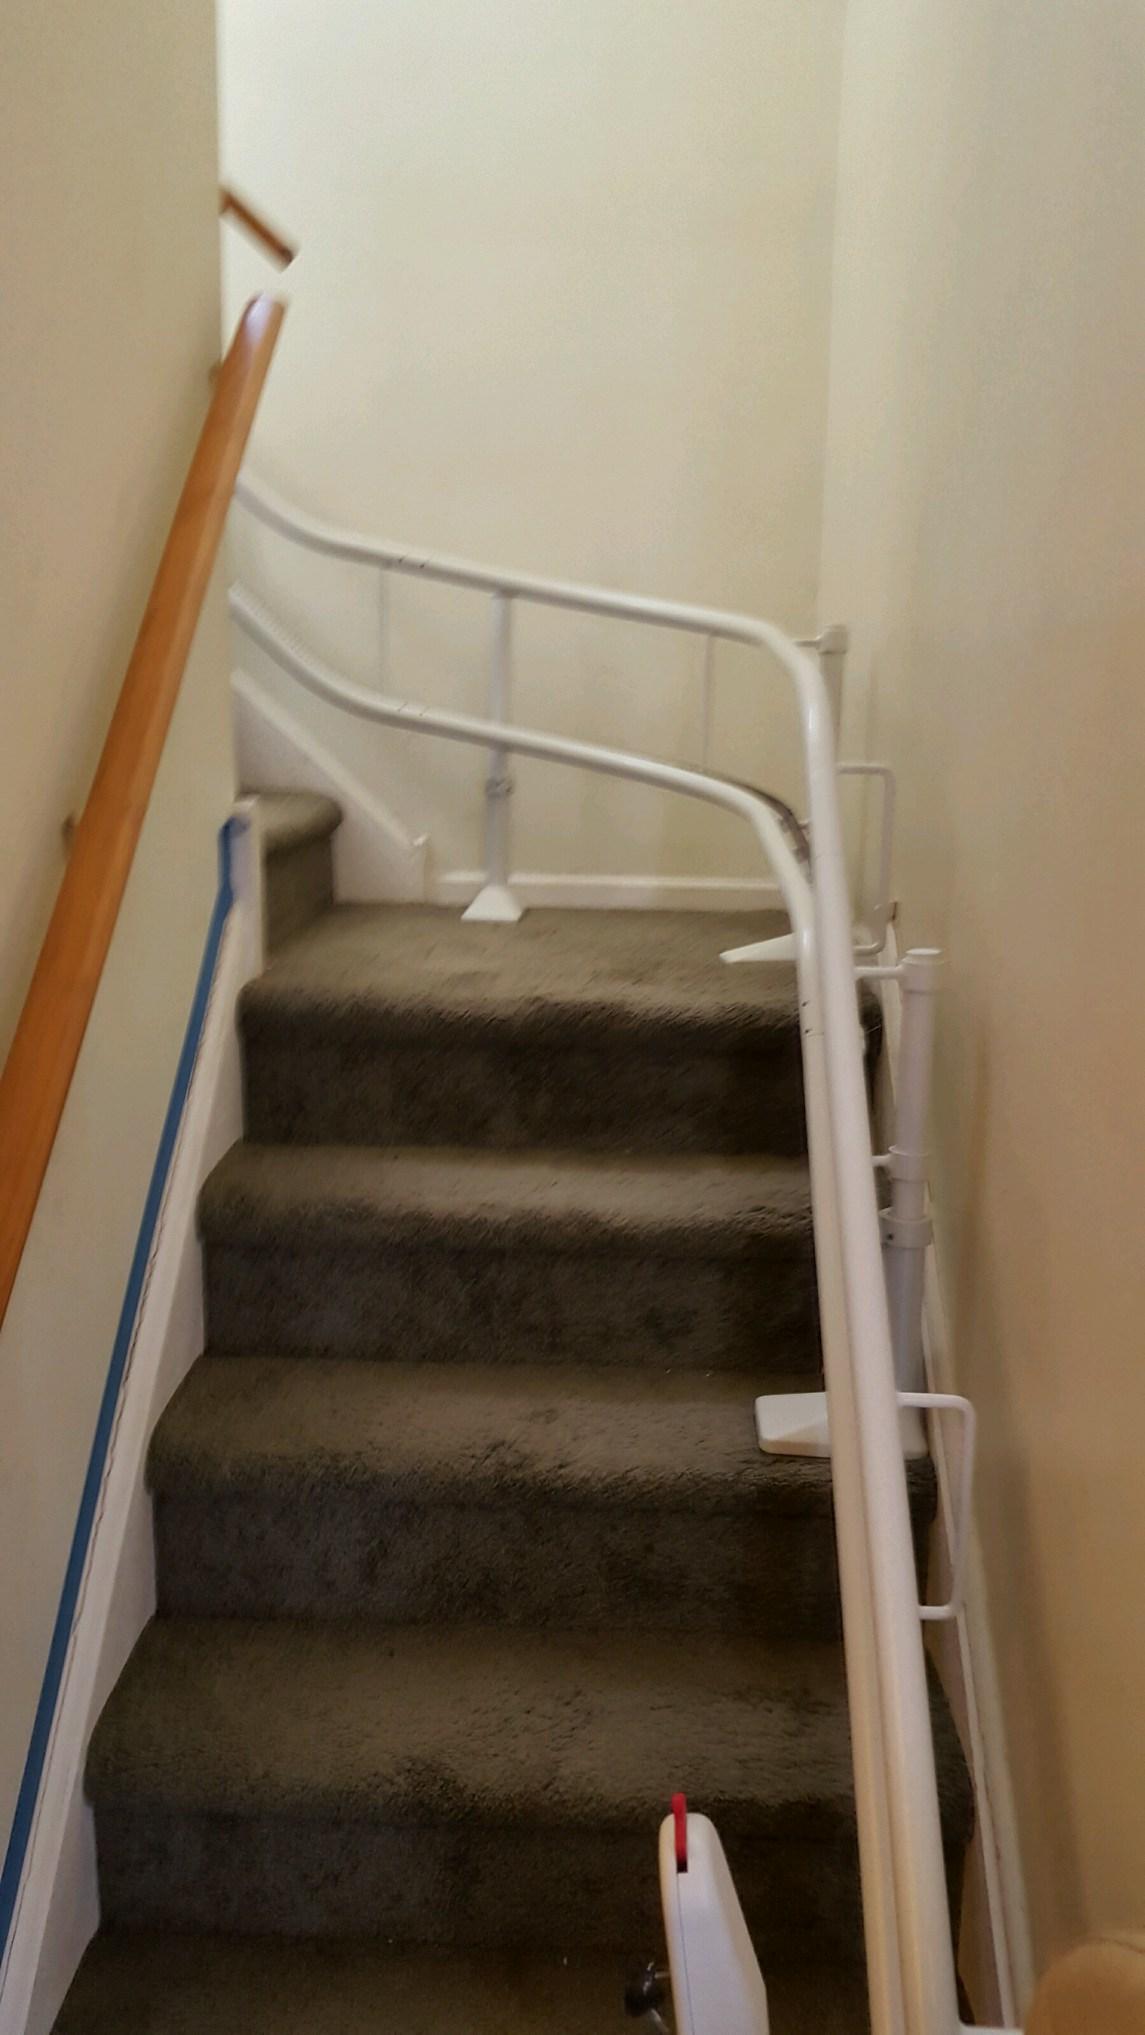 2308 Cross street - indoor lift curv